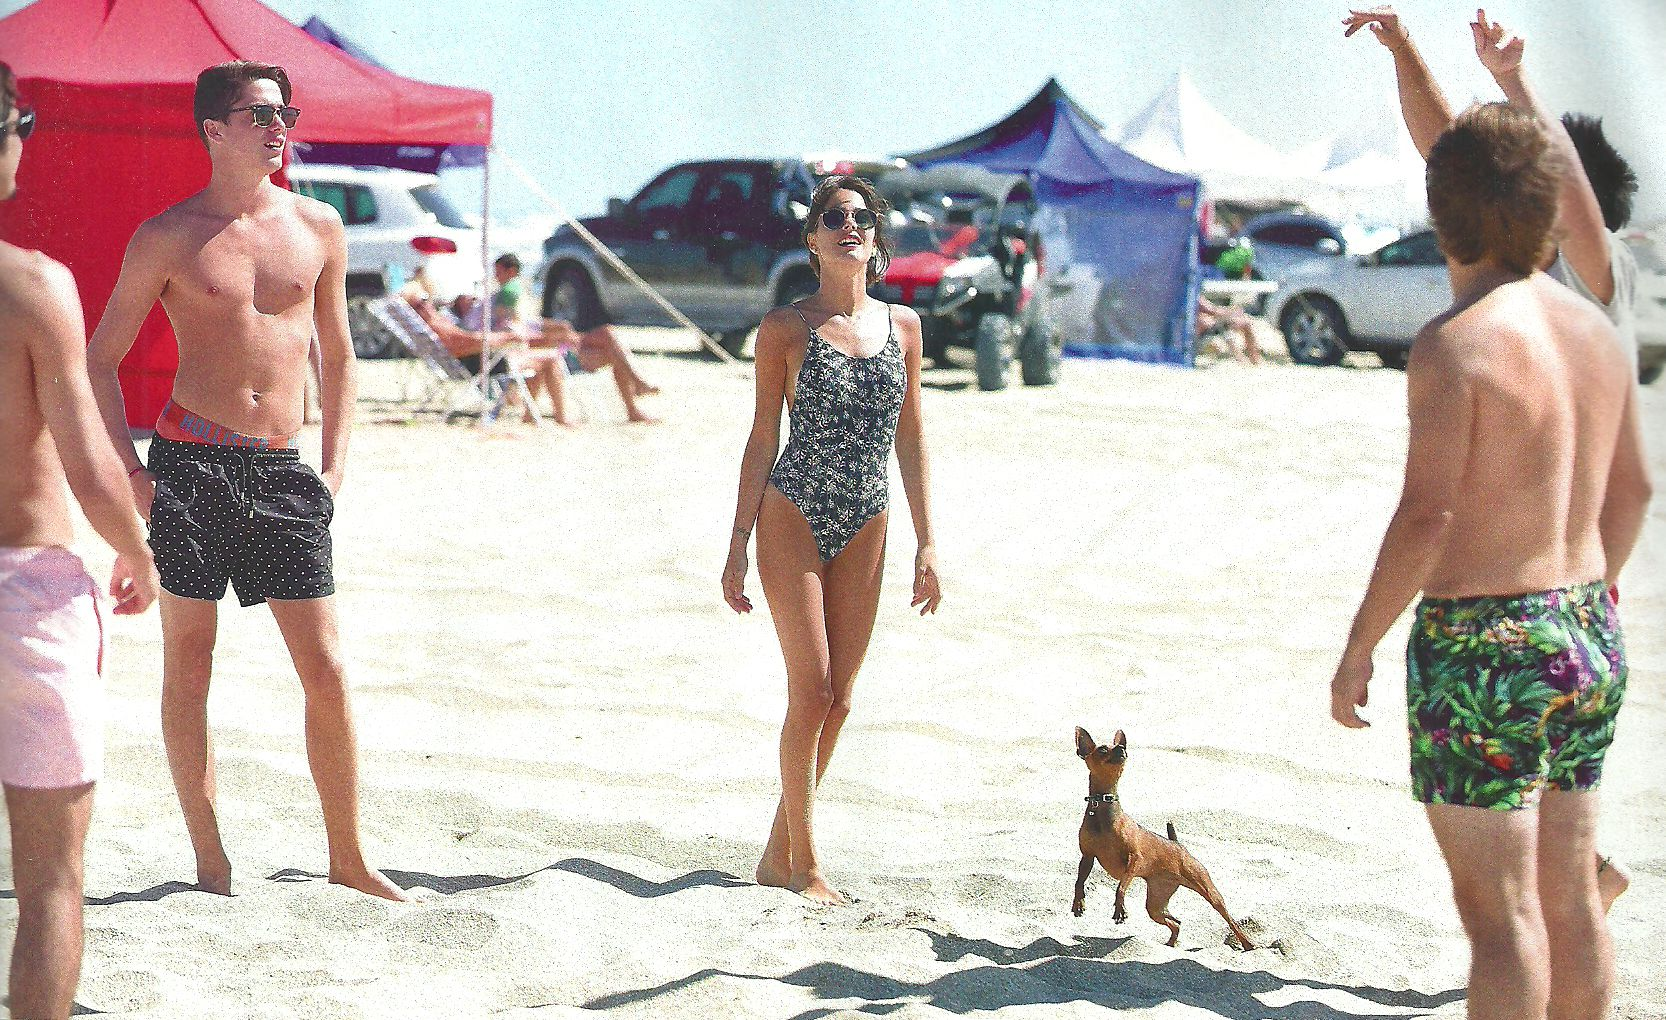 Tiene 18 años y se viste de señora grande: Tini Stoessel, en malla enteriza hace playa con su familia